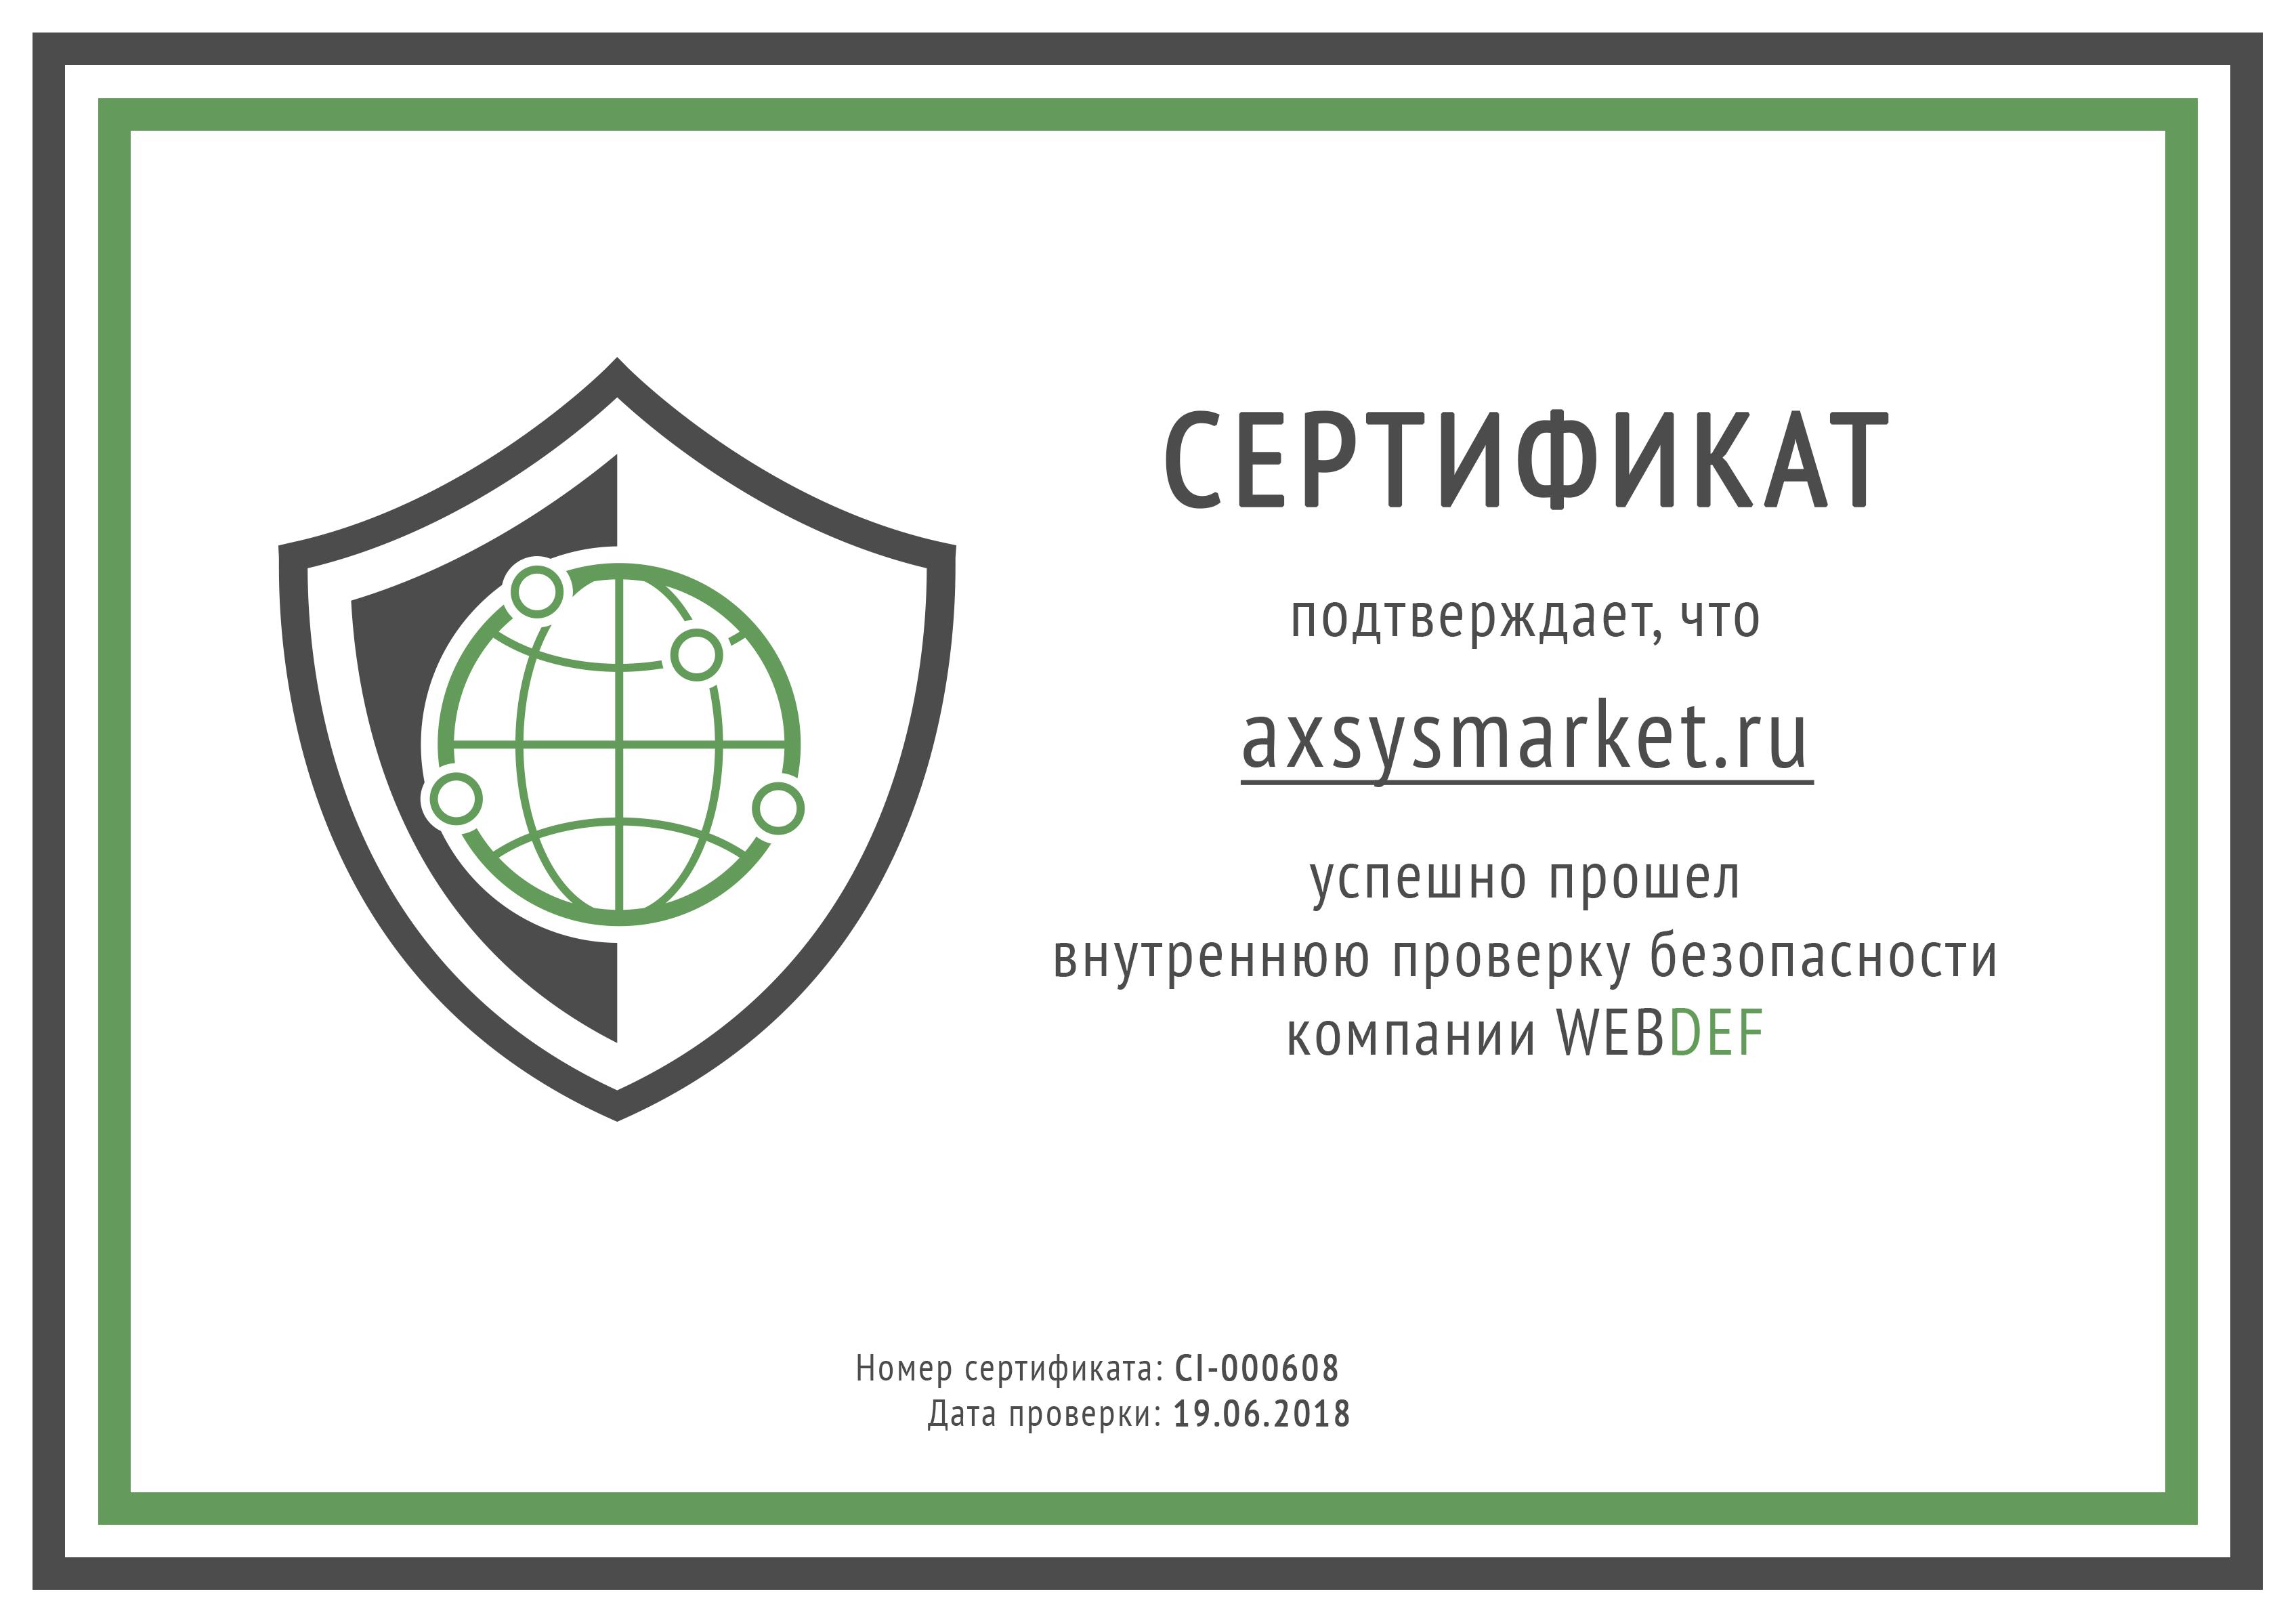 WEBDEF - Проверь свой сайт!